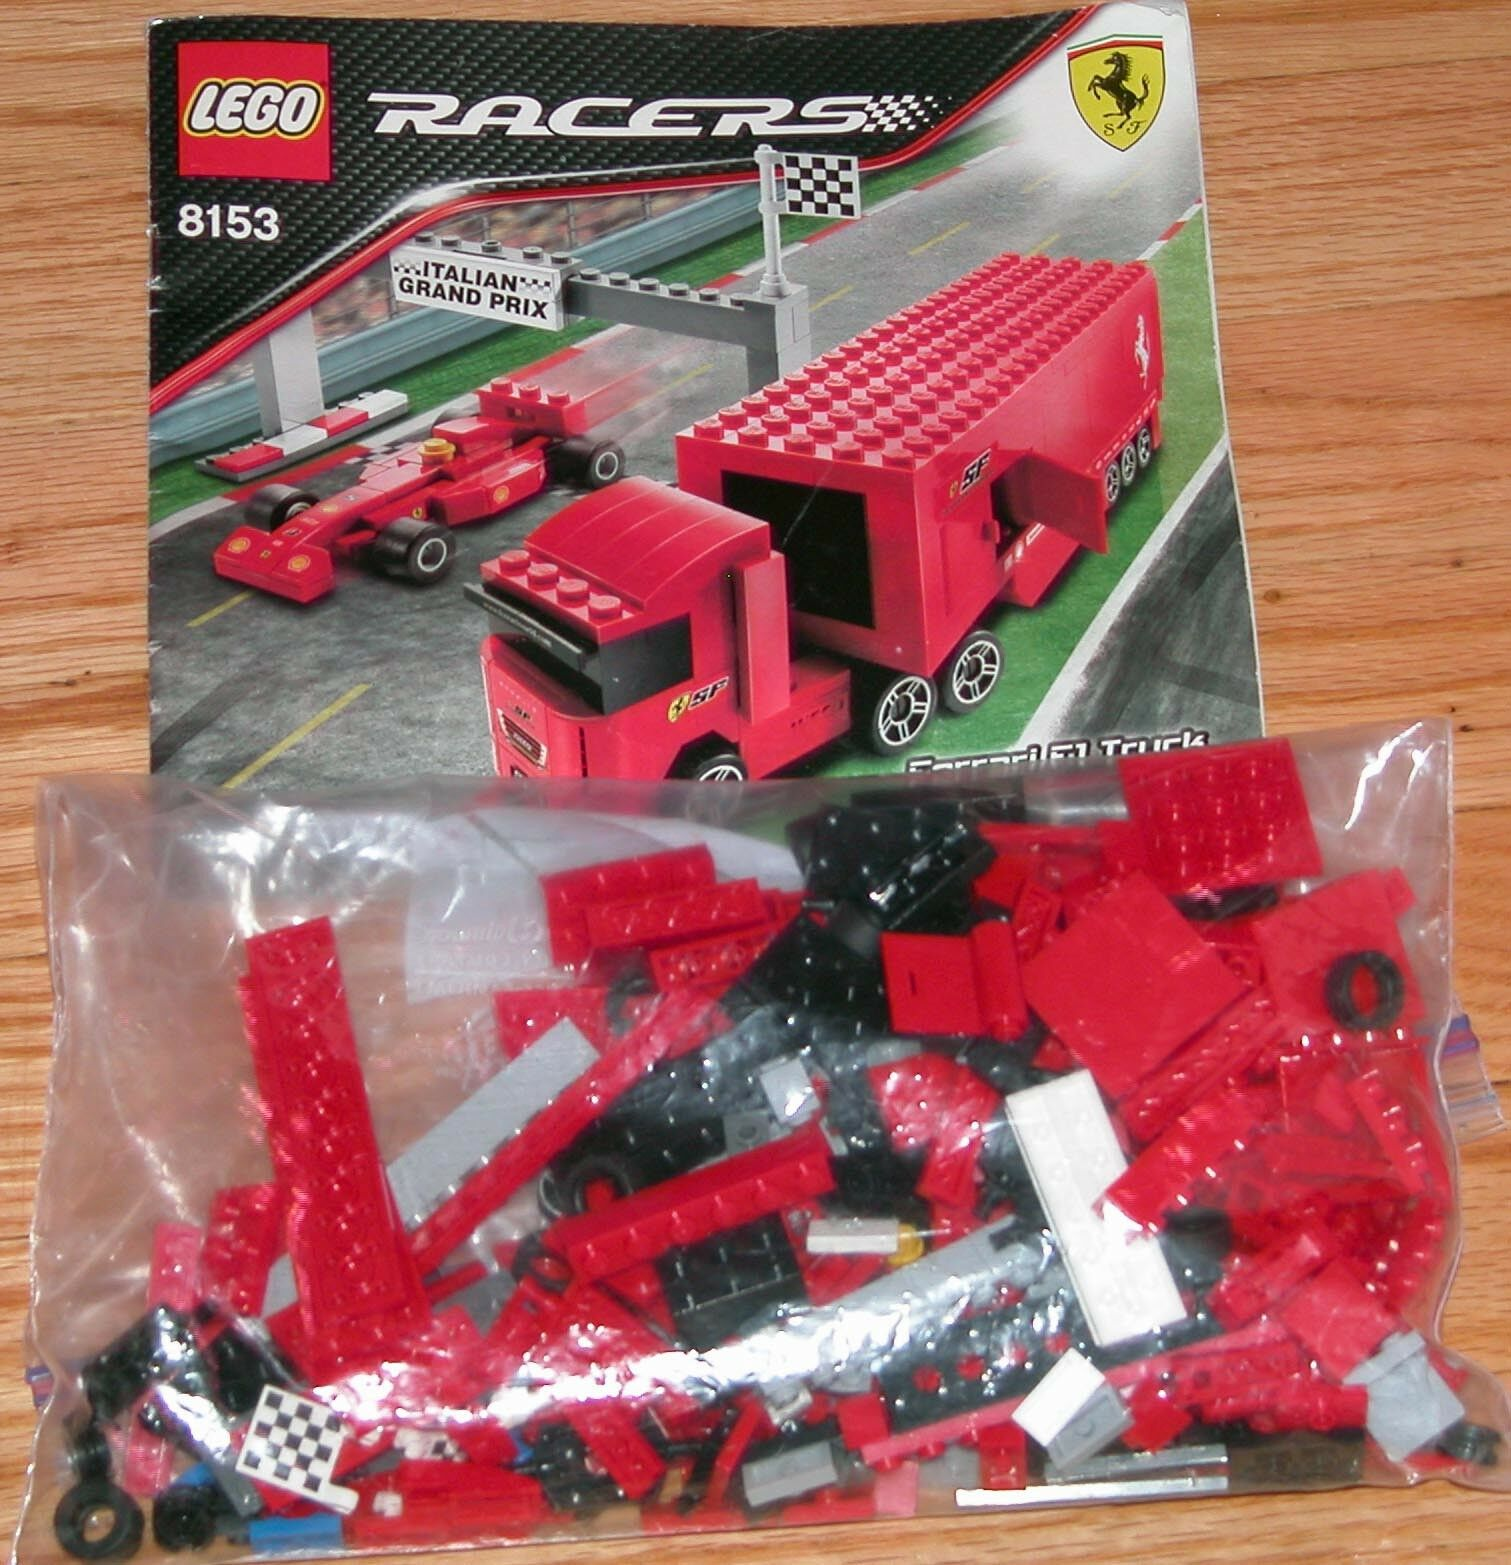 LEGO 8153 Racers Ferrari  F1 Camion Jeu Complet  expédition rapide à vous